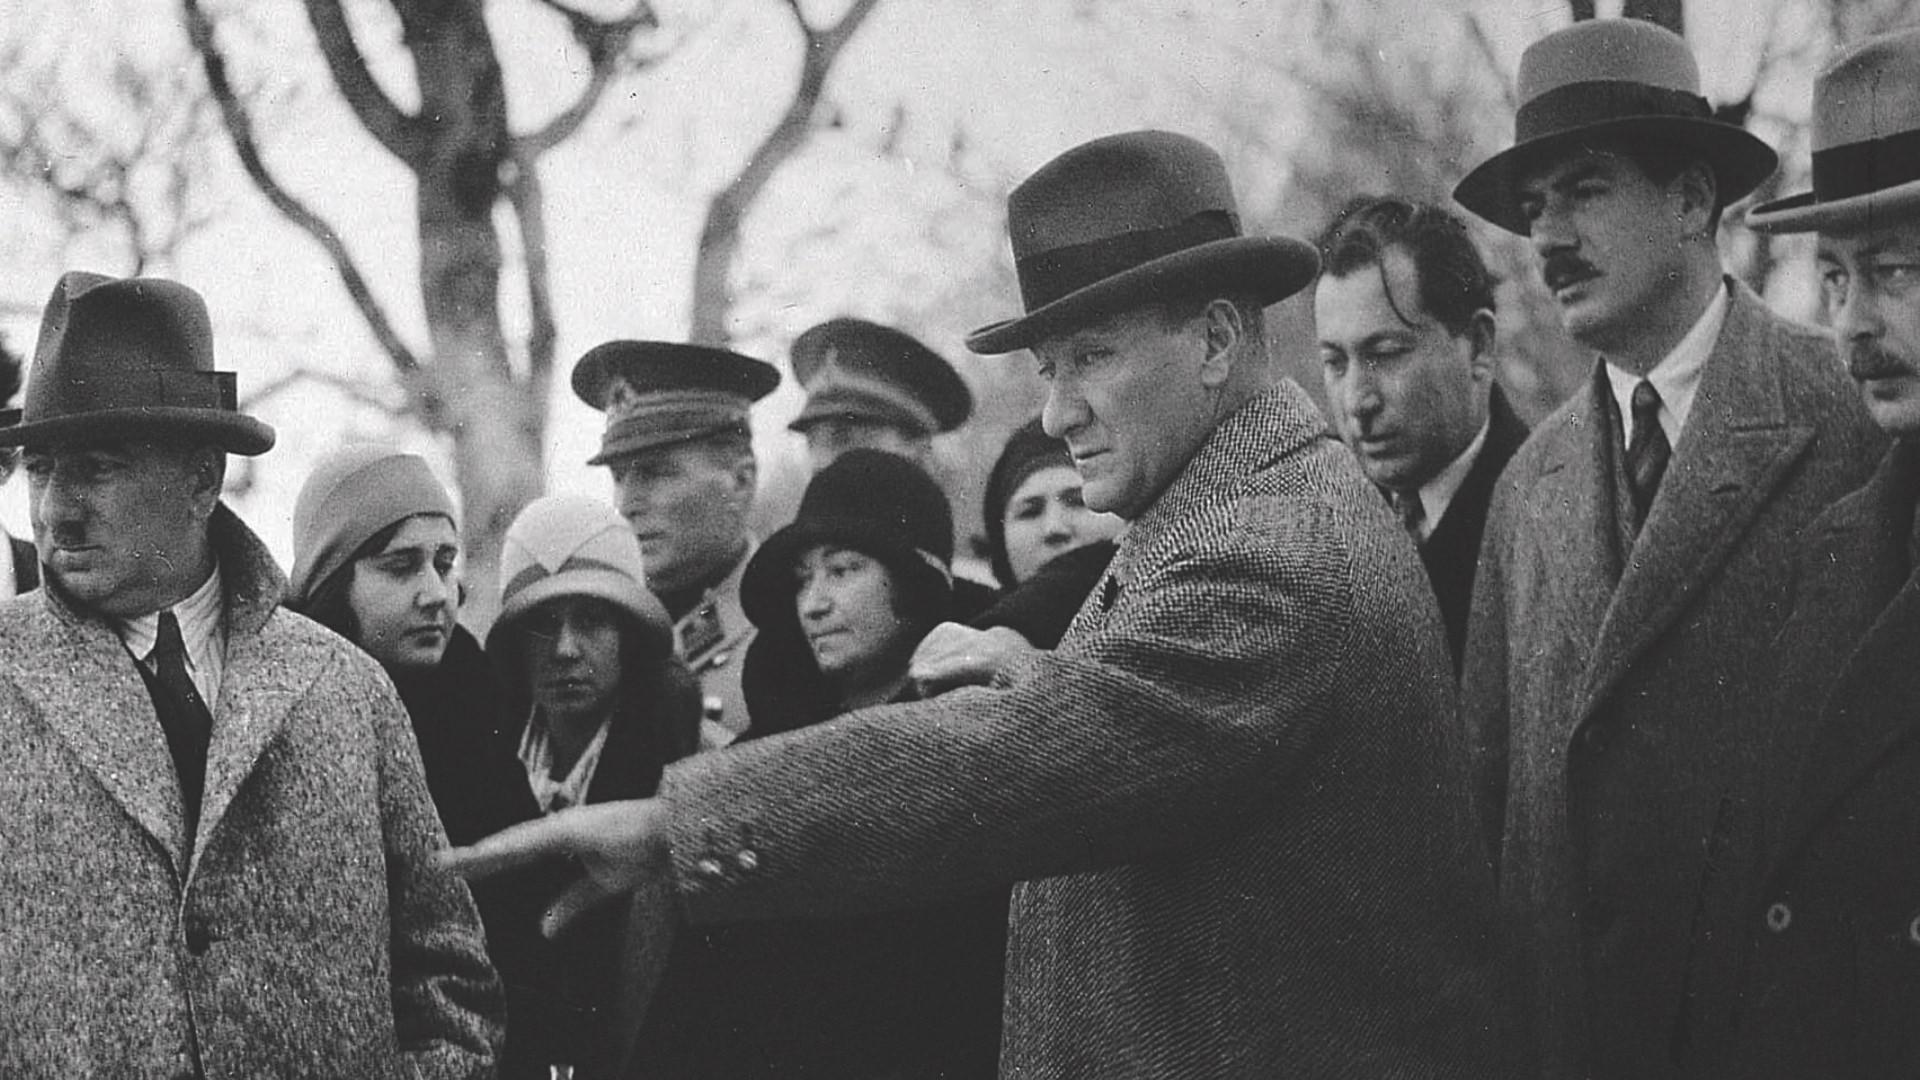 Göz Bebeği Yalova'dan Anıları ile Mustafa Kemal Atatürk